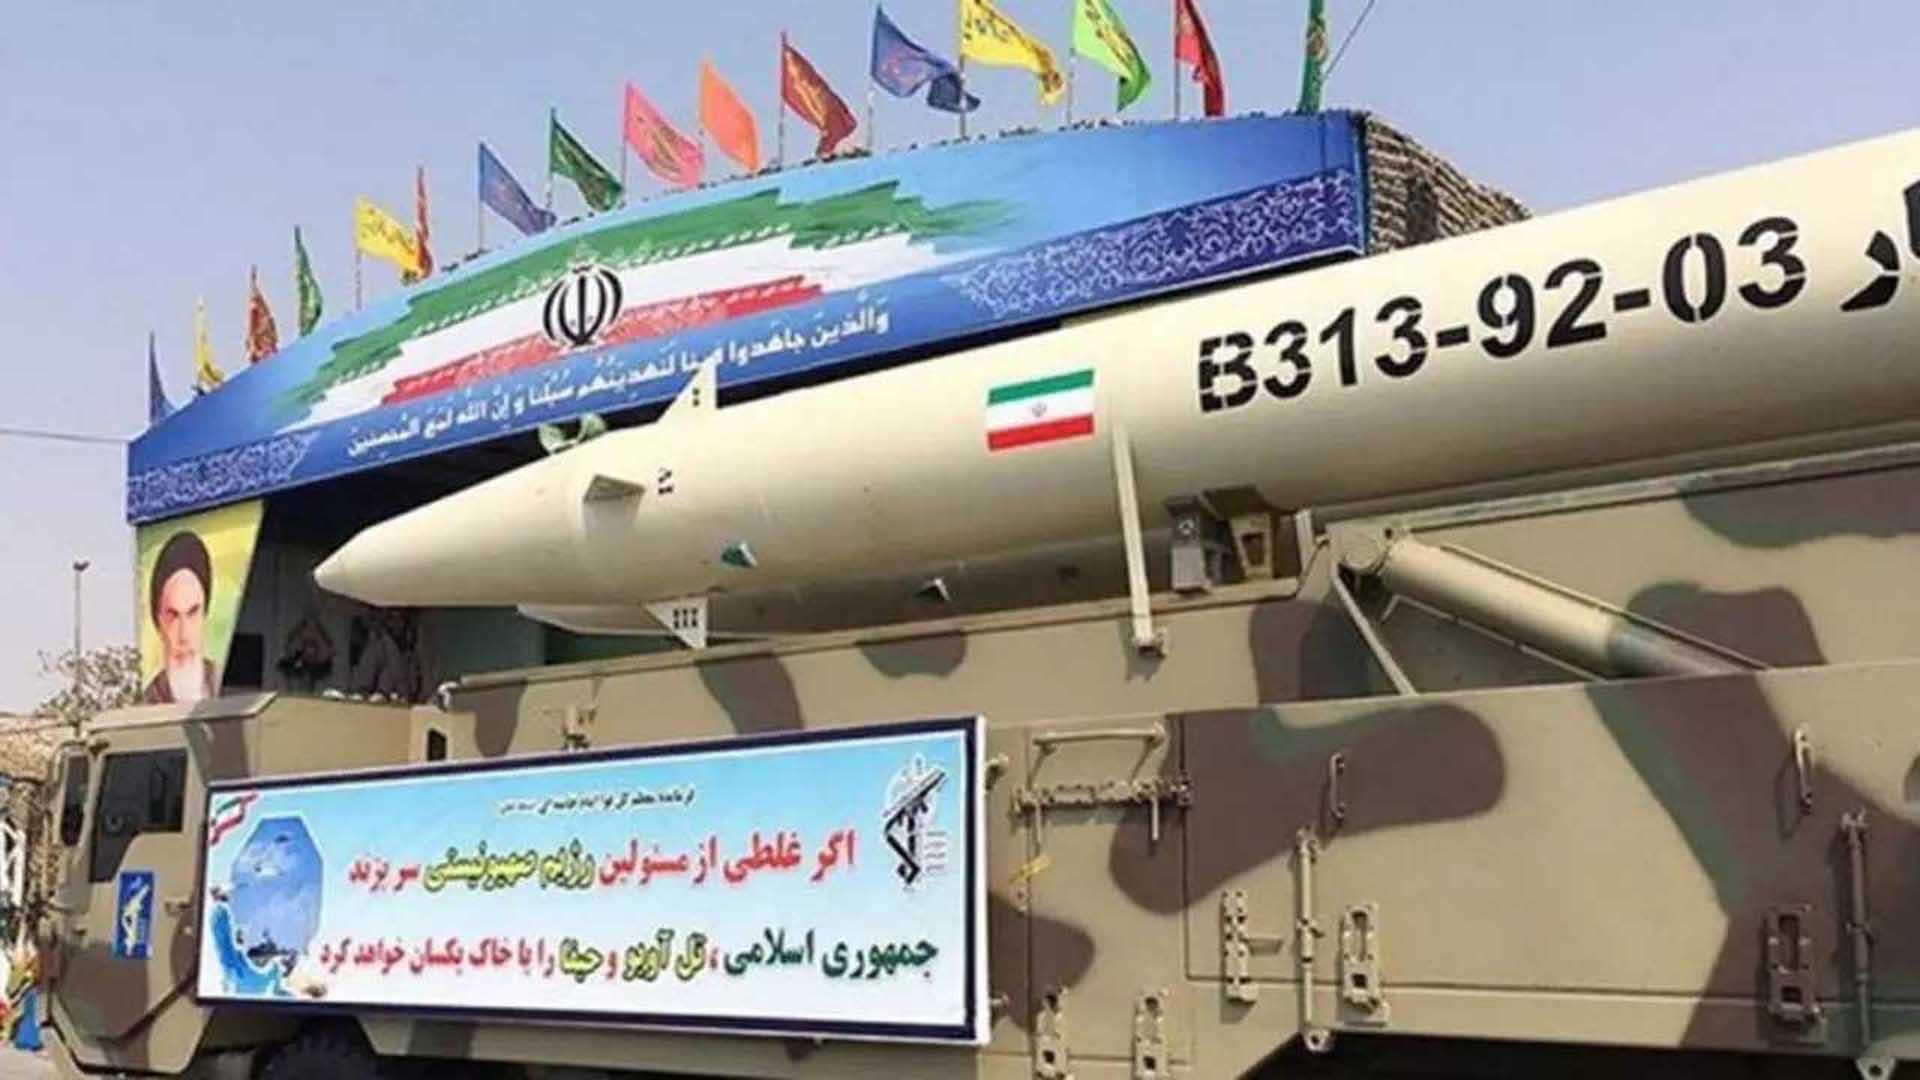 صواريخ قاسم سليماني وأبو مهدي المهندس.. إنجاز جديد أم كذبة عسكرية؟